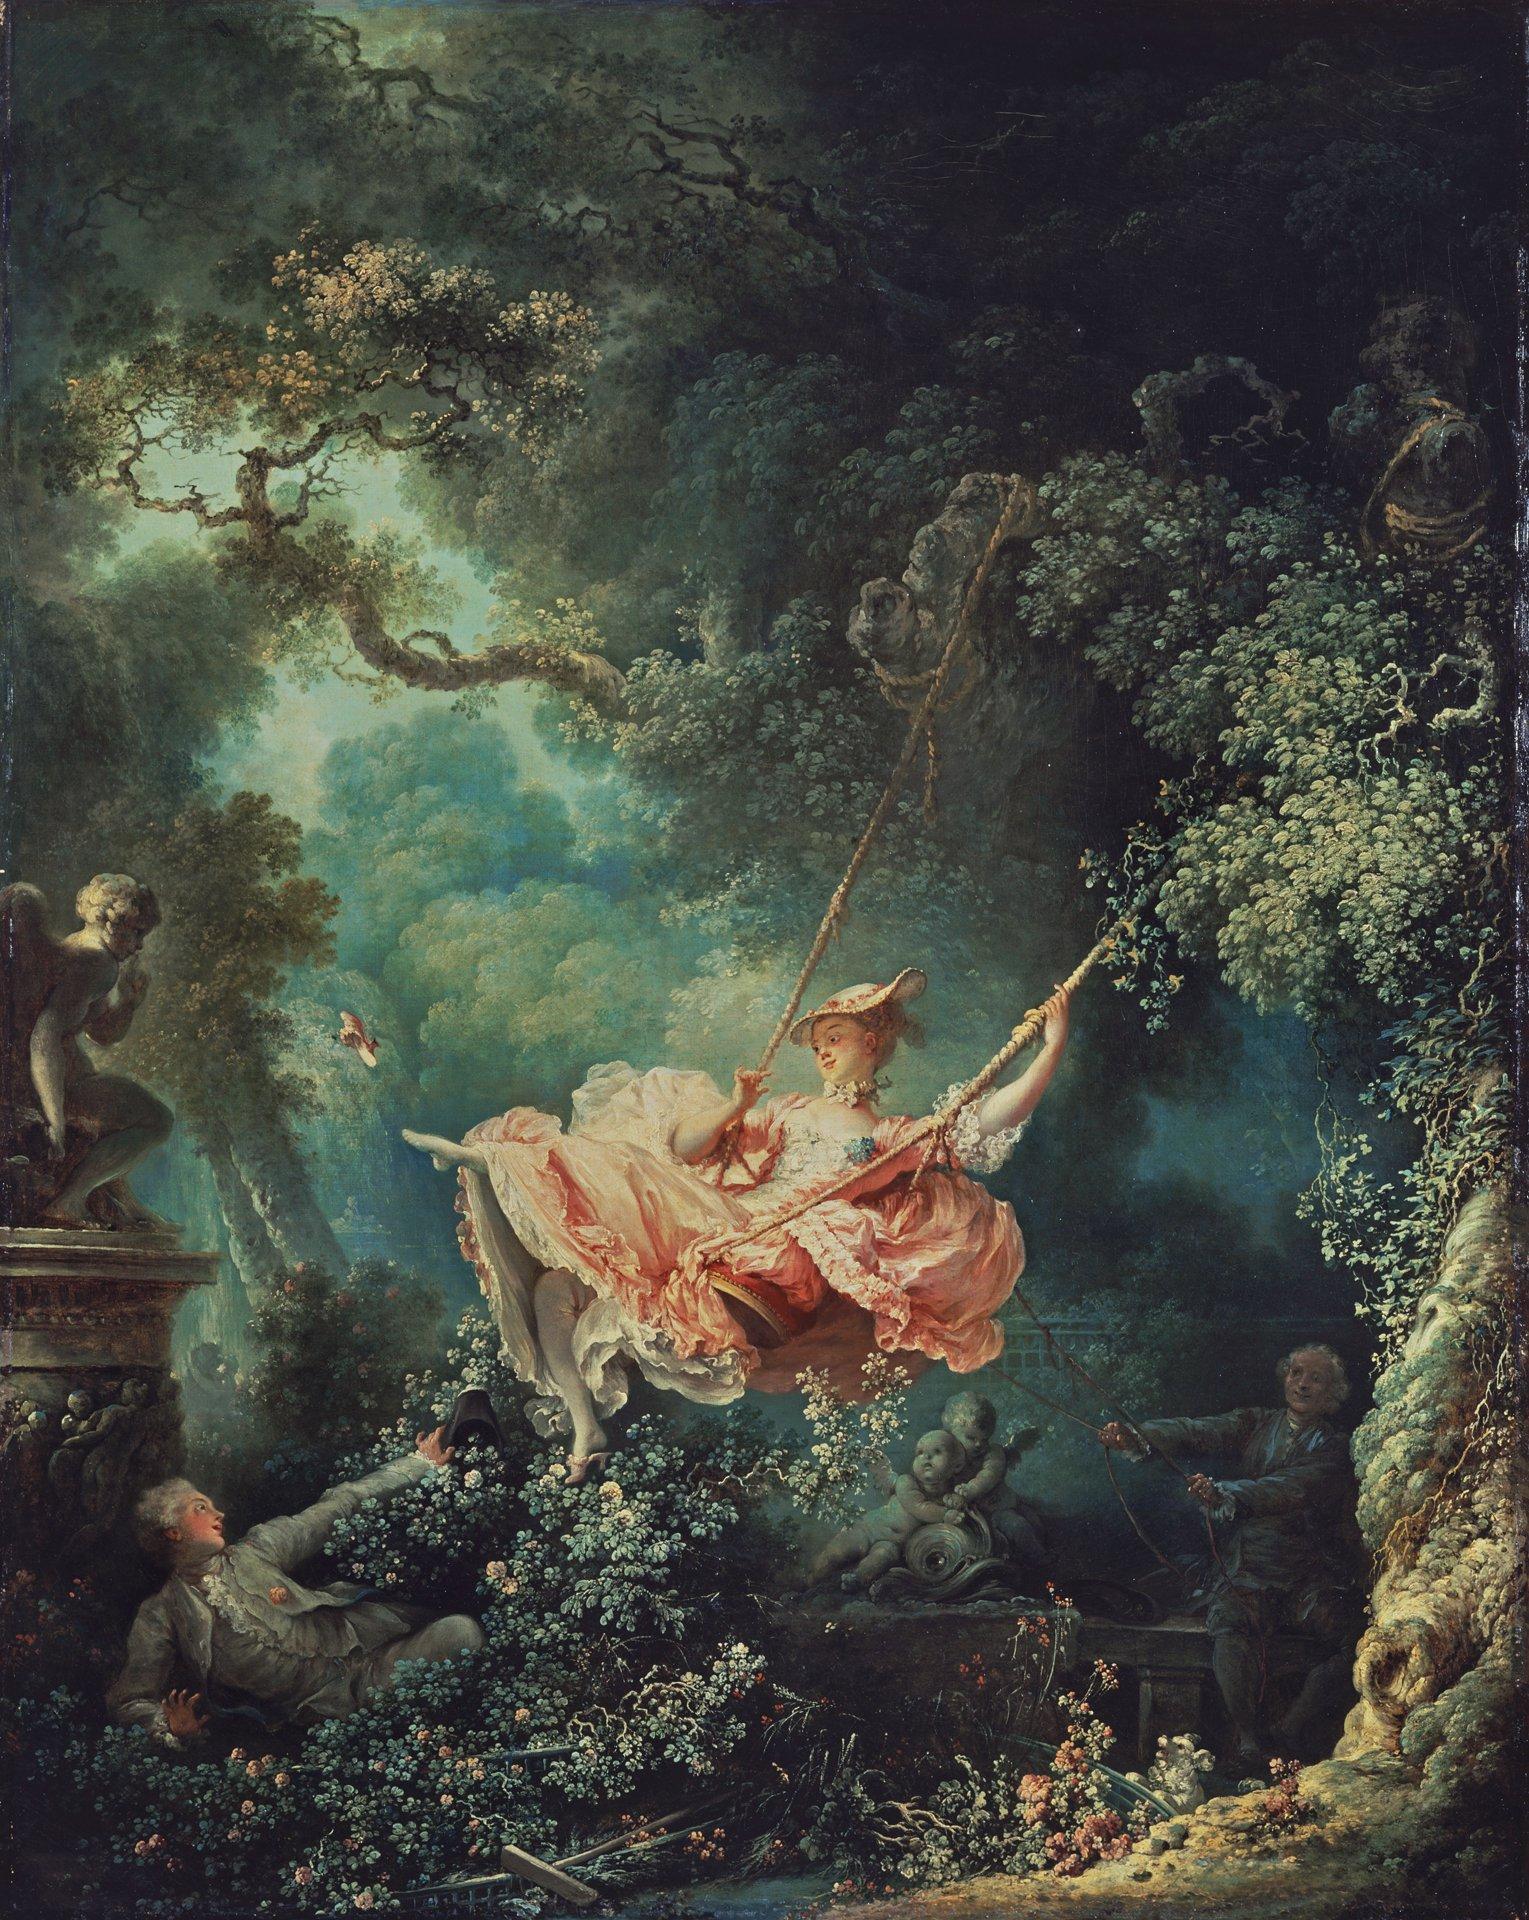 """Les hasards heureux de l'escarpolette (The Swing)  Jean-Honoré Fragonard  1766  Oil on canvas  2' 8"""" x 2' 2""""  Wallace Collection"""